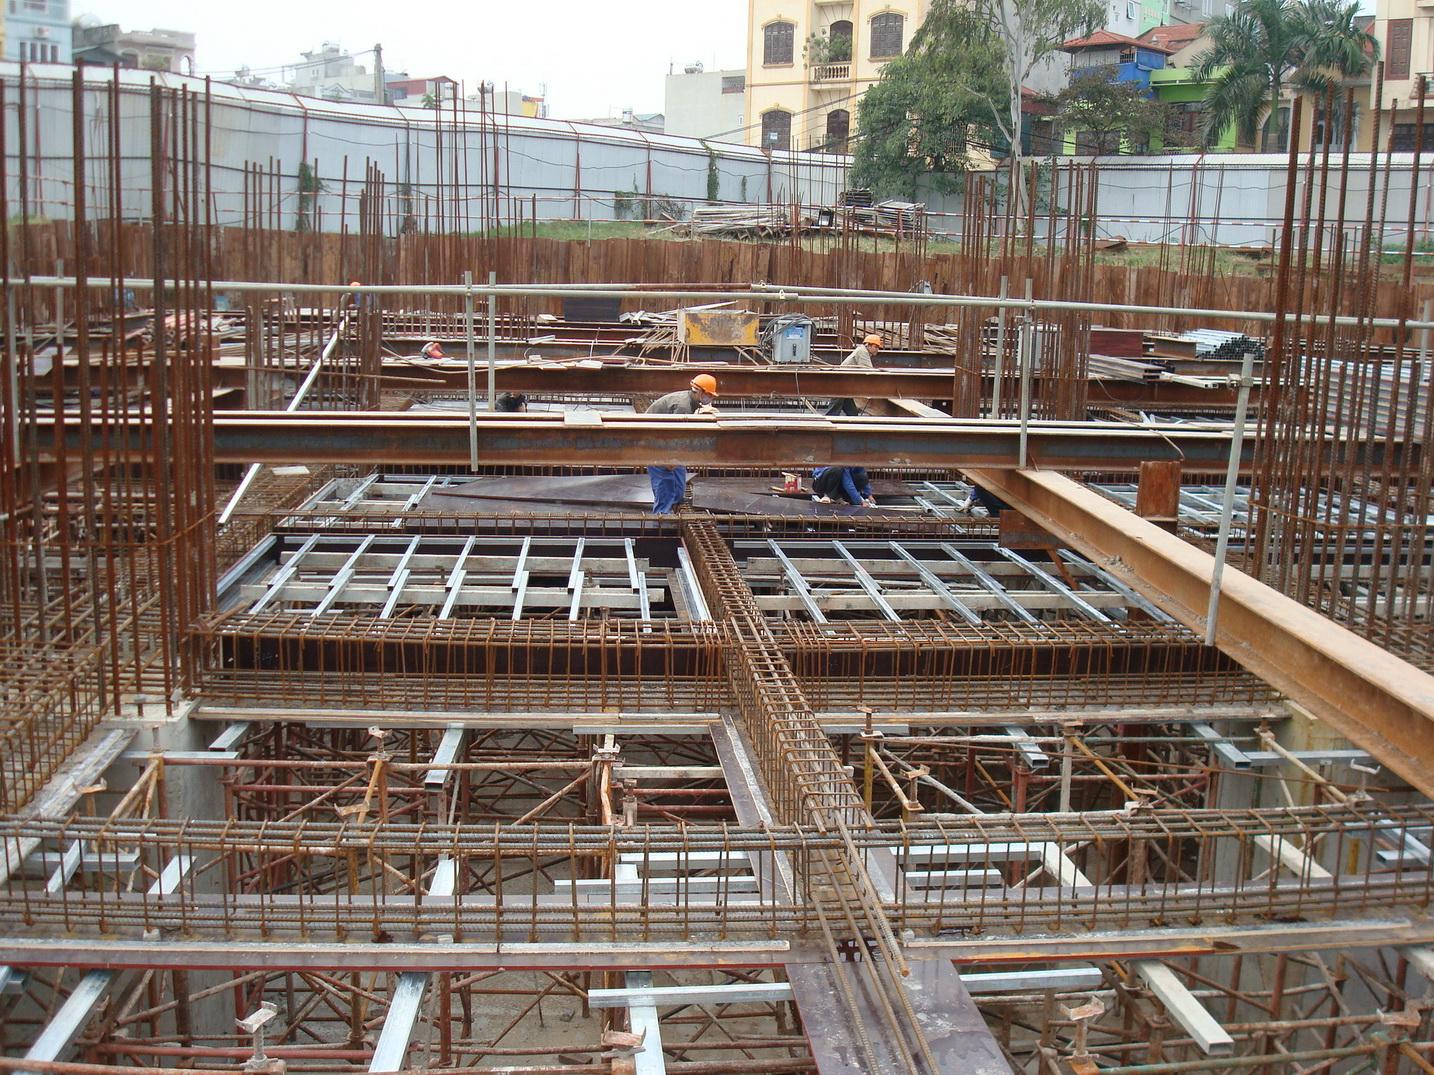 Hình ảnh 6: Biện pháp thi công phần móng nhà cao tầng hiện đại